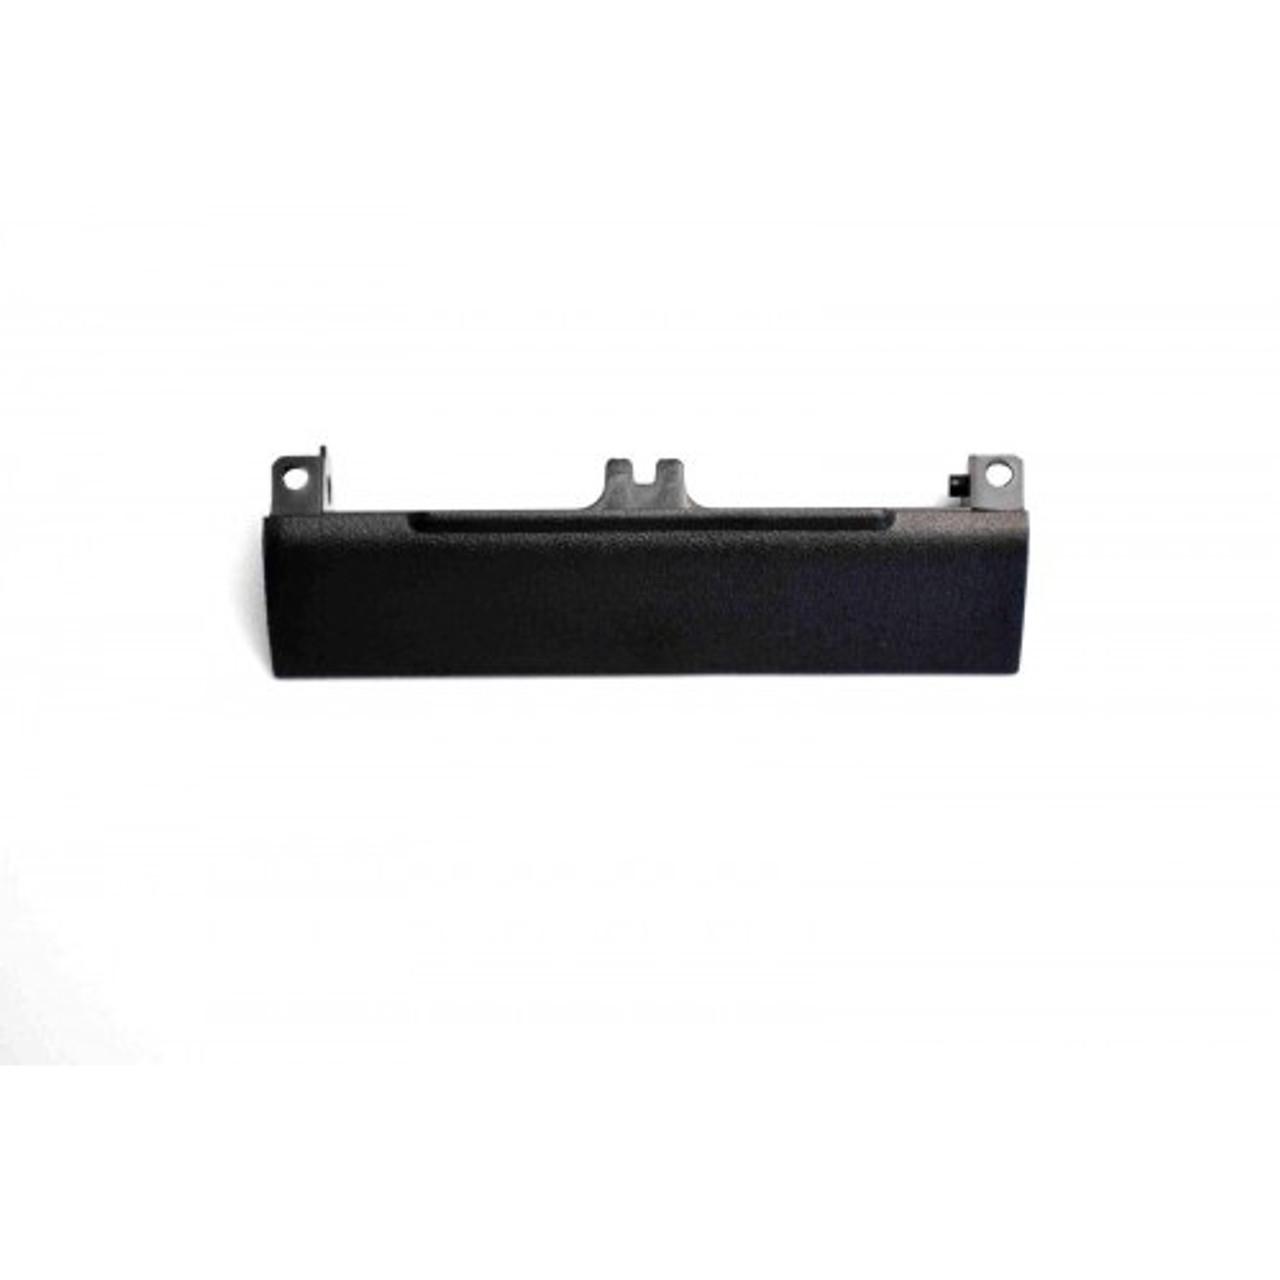 Dell Latitude E6430 E6530 Hard Drive Caddy - FXCRD